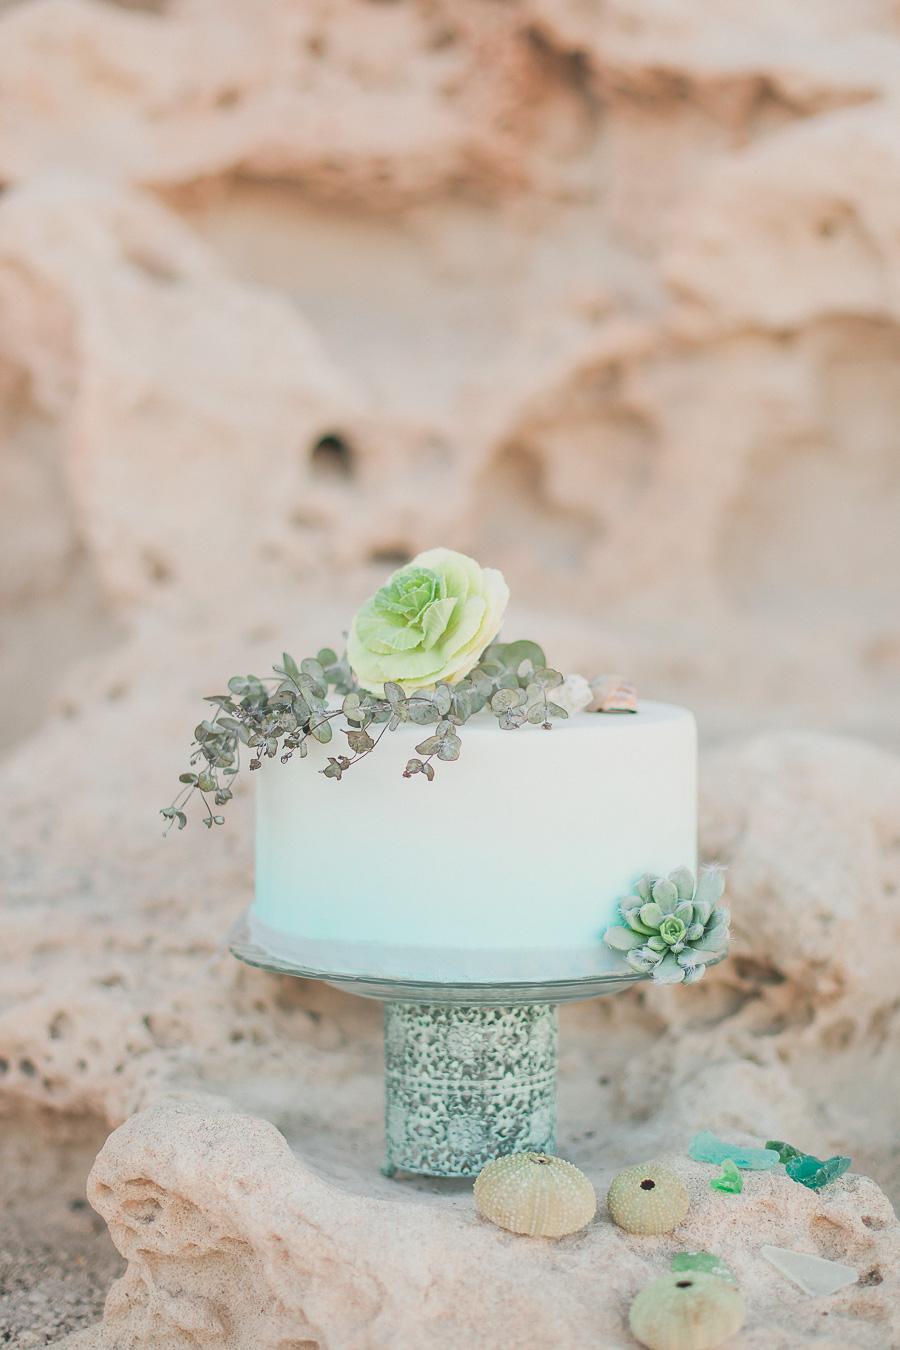 Hochzeitstorten Ideen Fondant mit Farbverlauf